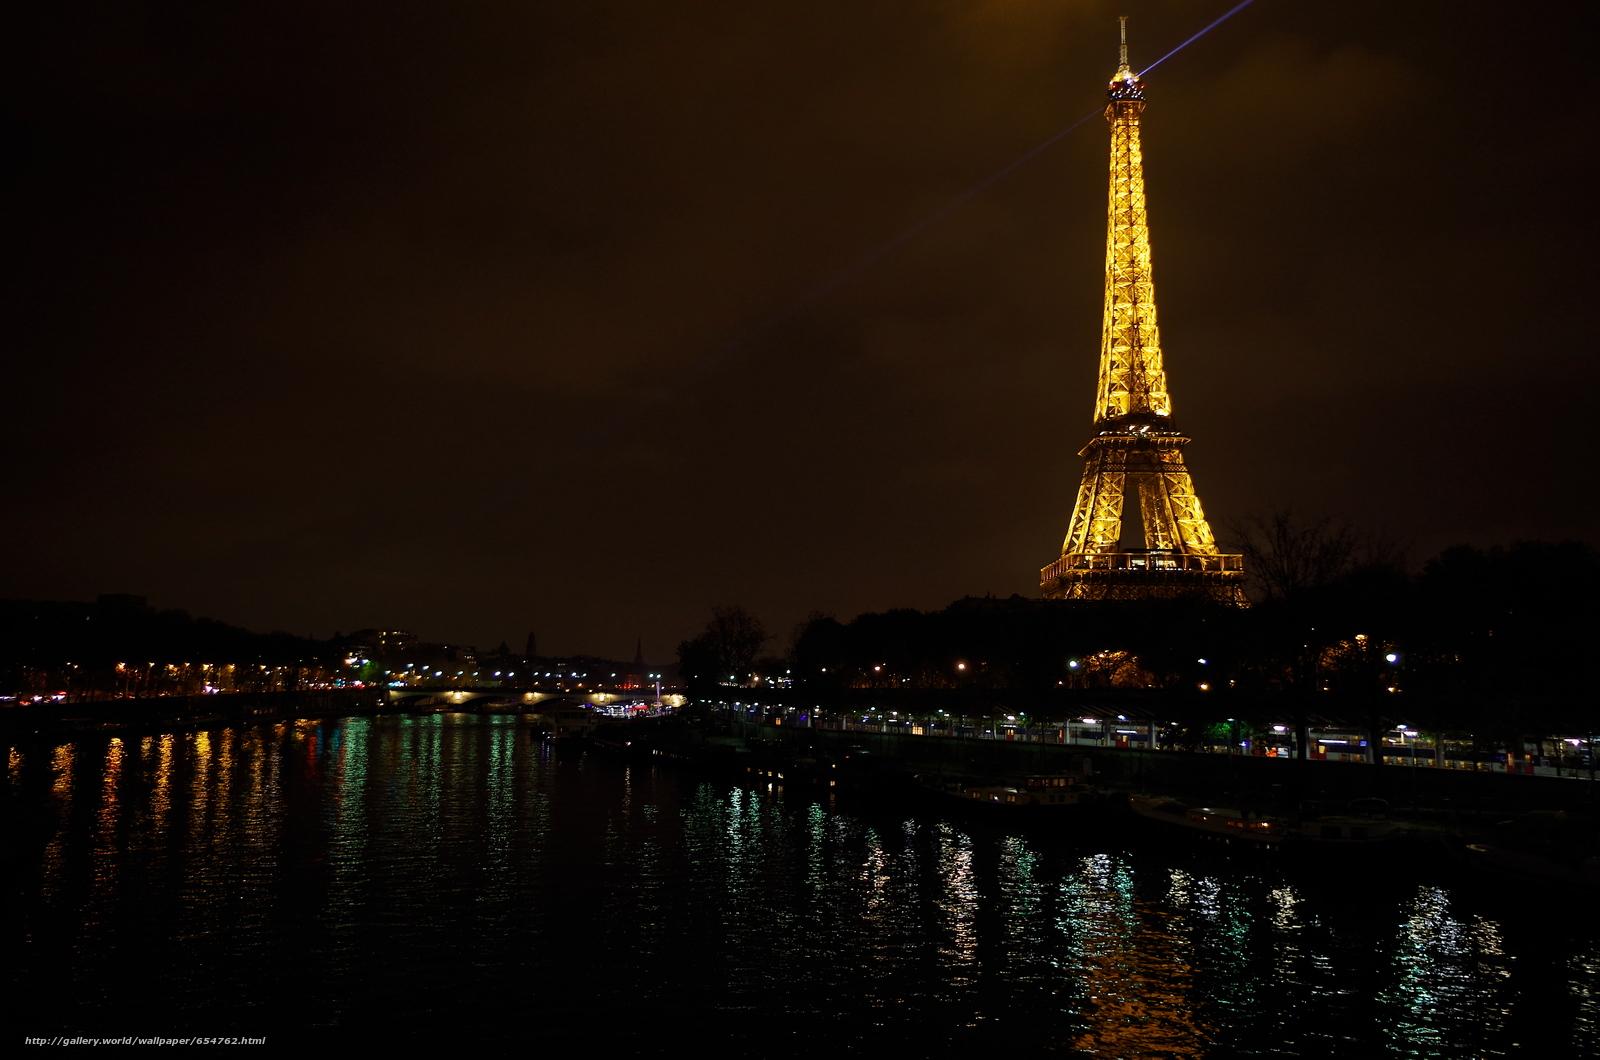 Download wallpaper Eiffel Tower,  Paris,  France,  Eiffel Tower free desktop wallpaper in the resolution 4928x3264 — picture №654762